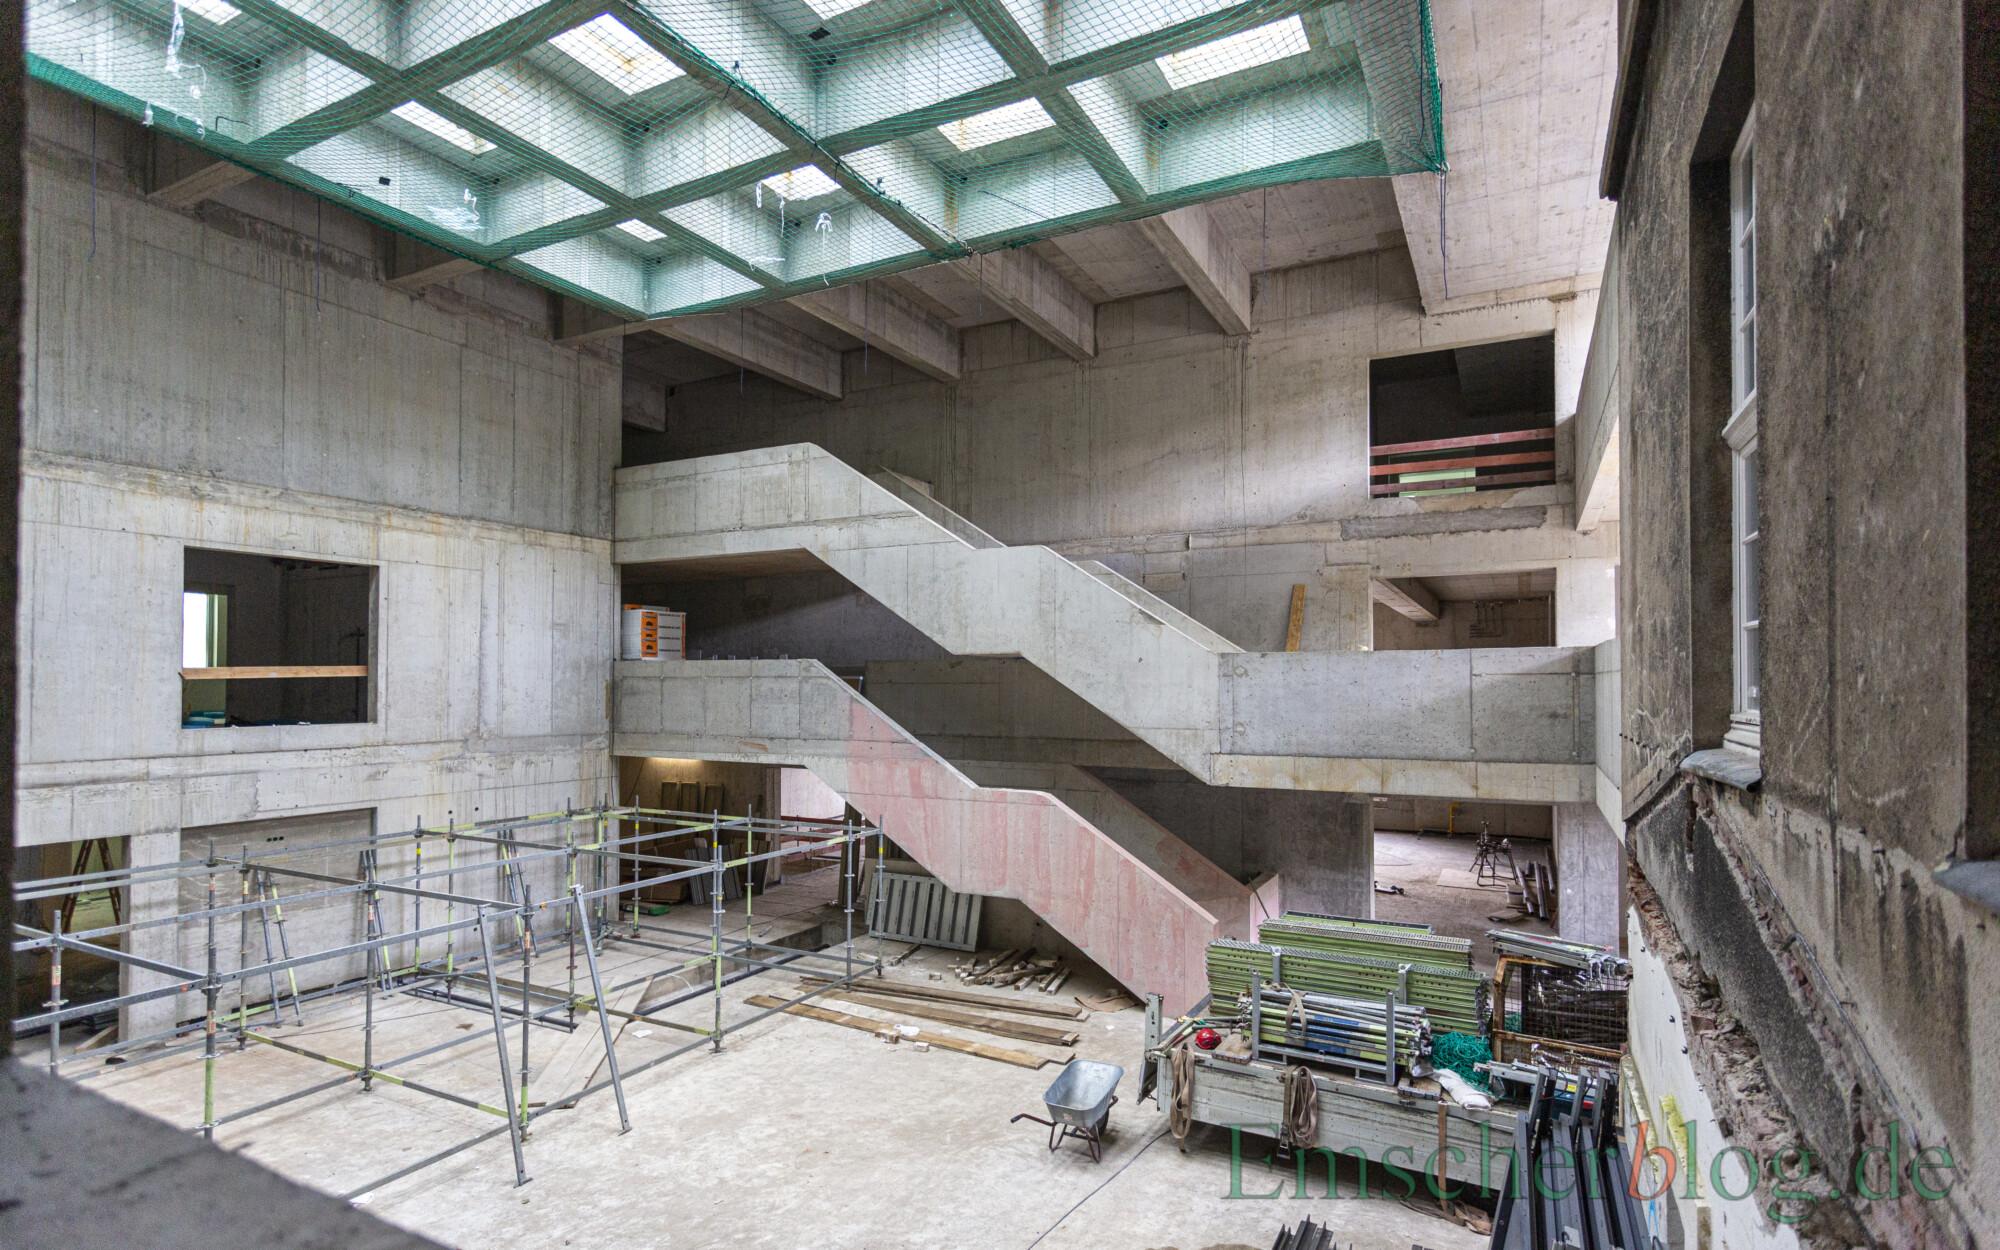 Blick aus dem Fahrstuhlschacht in das lichtdurchflutete künftige Foyer des Rathauses. (Foto: P. Gräber - Emscherblog)